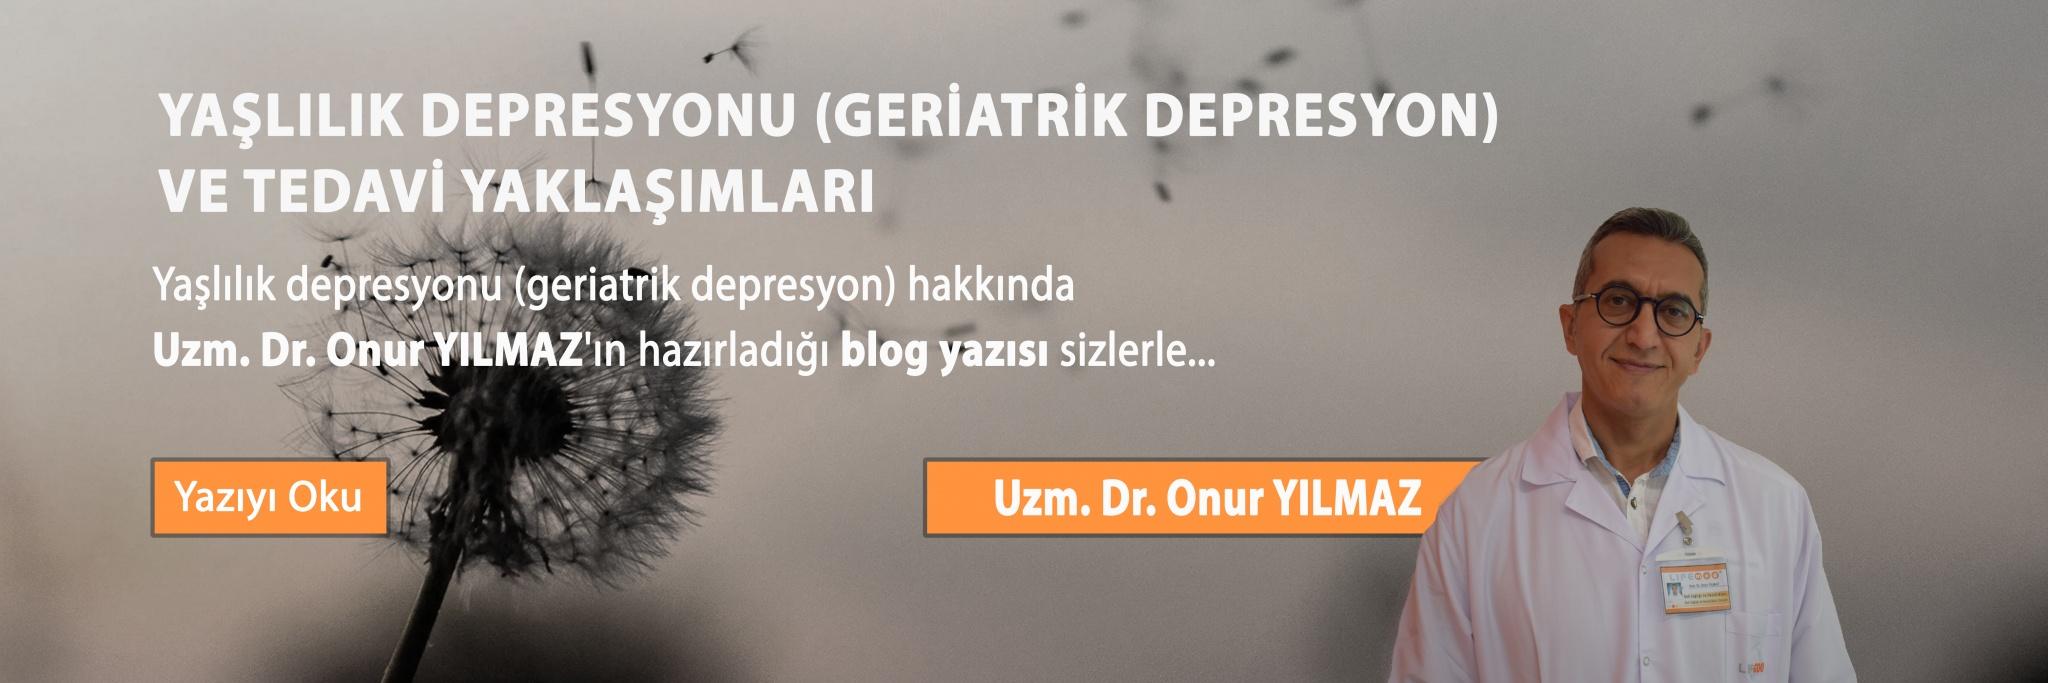 Yaşlılık Depresyonu